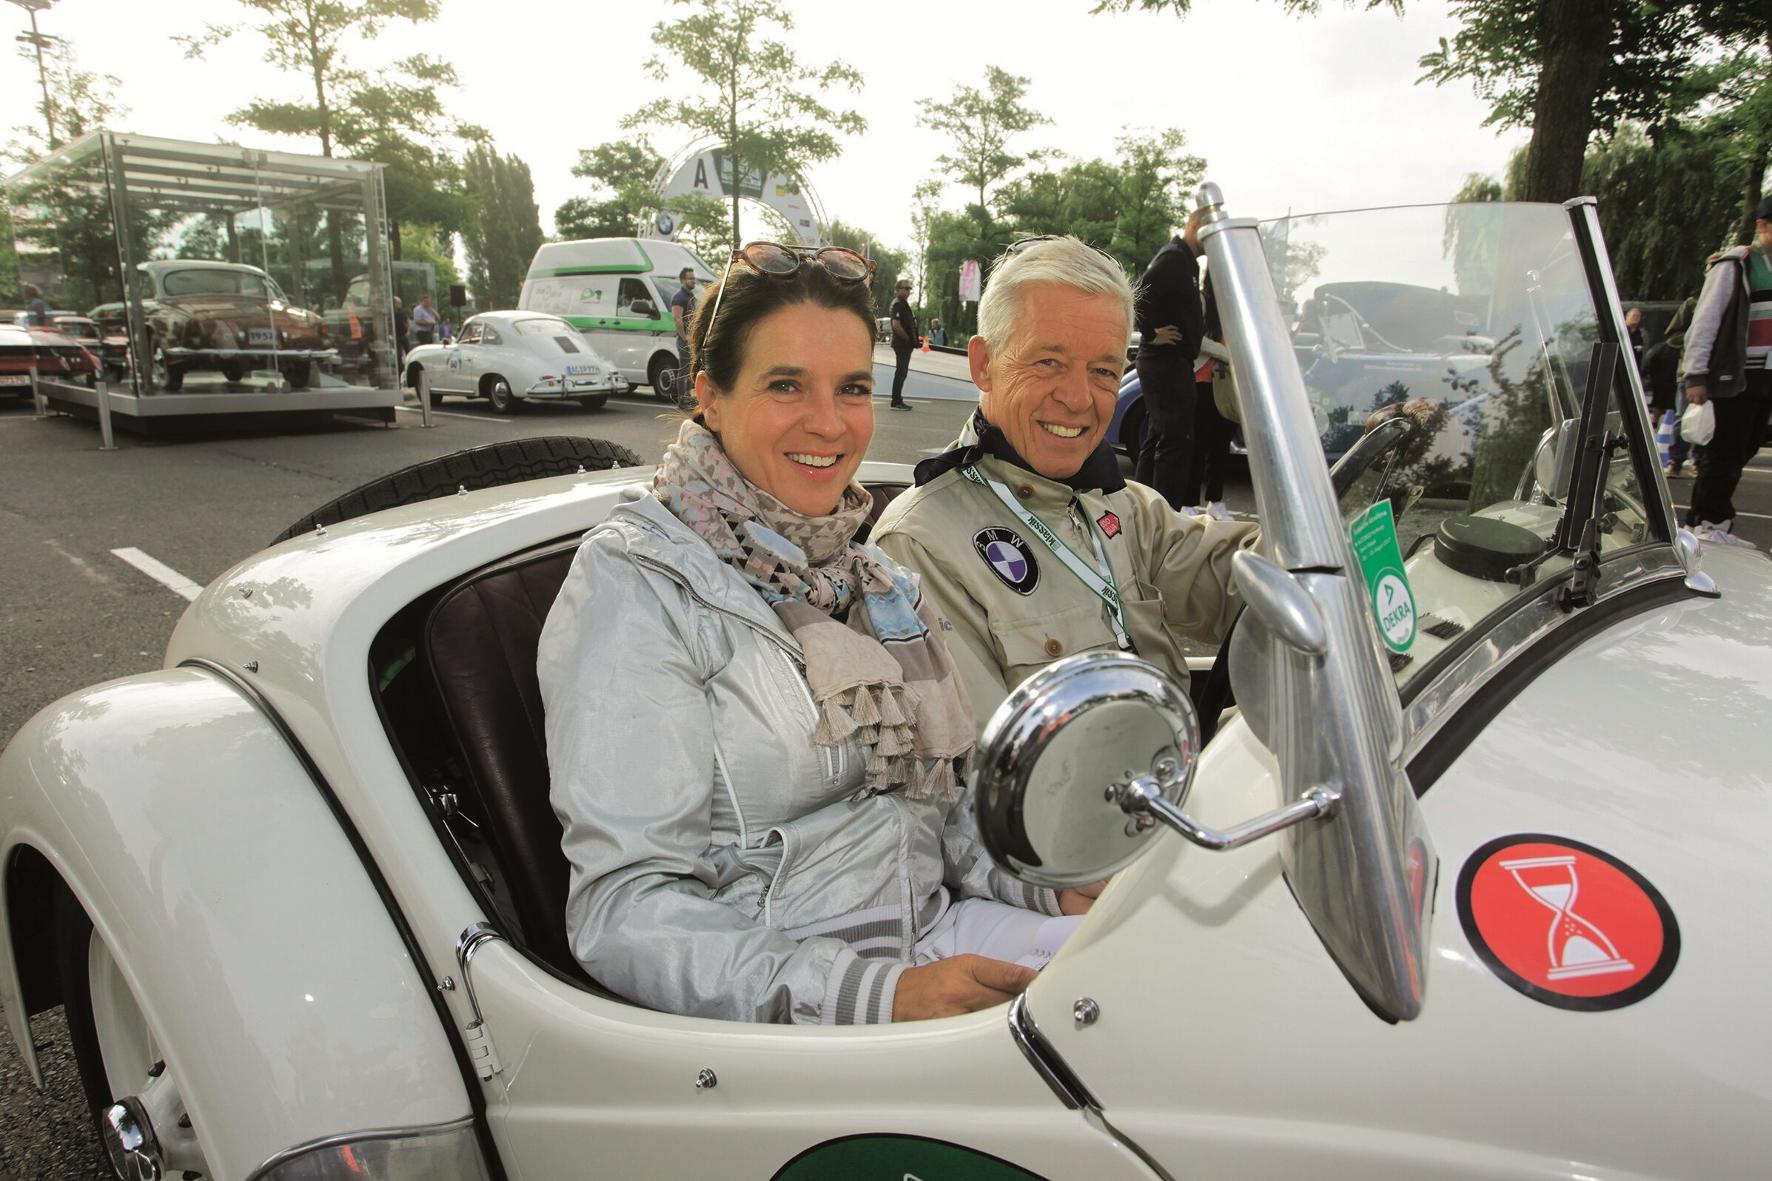 mid Groß-Gerau - Sport- und Hoch-Adel auf Tour: Katarina Witt mit Prinz Poldi von Bayern. Auto Bild Klassik